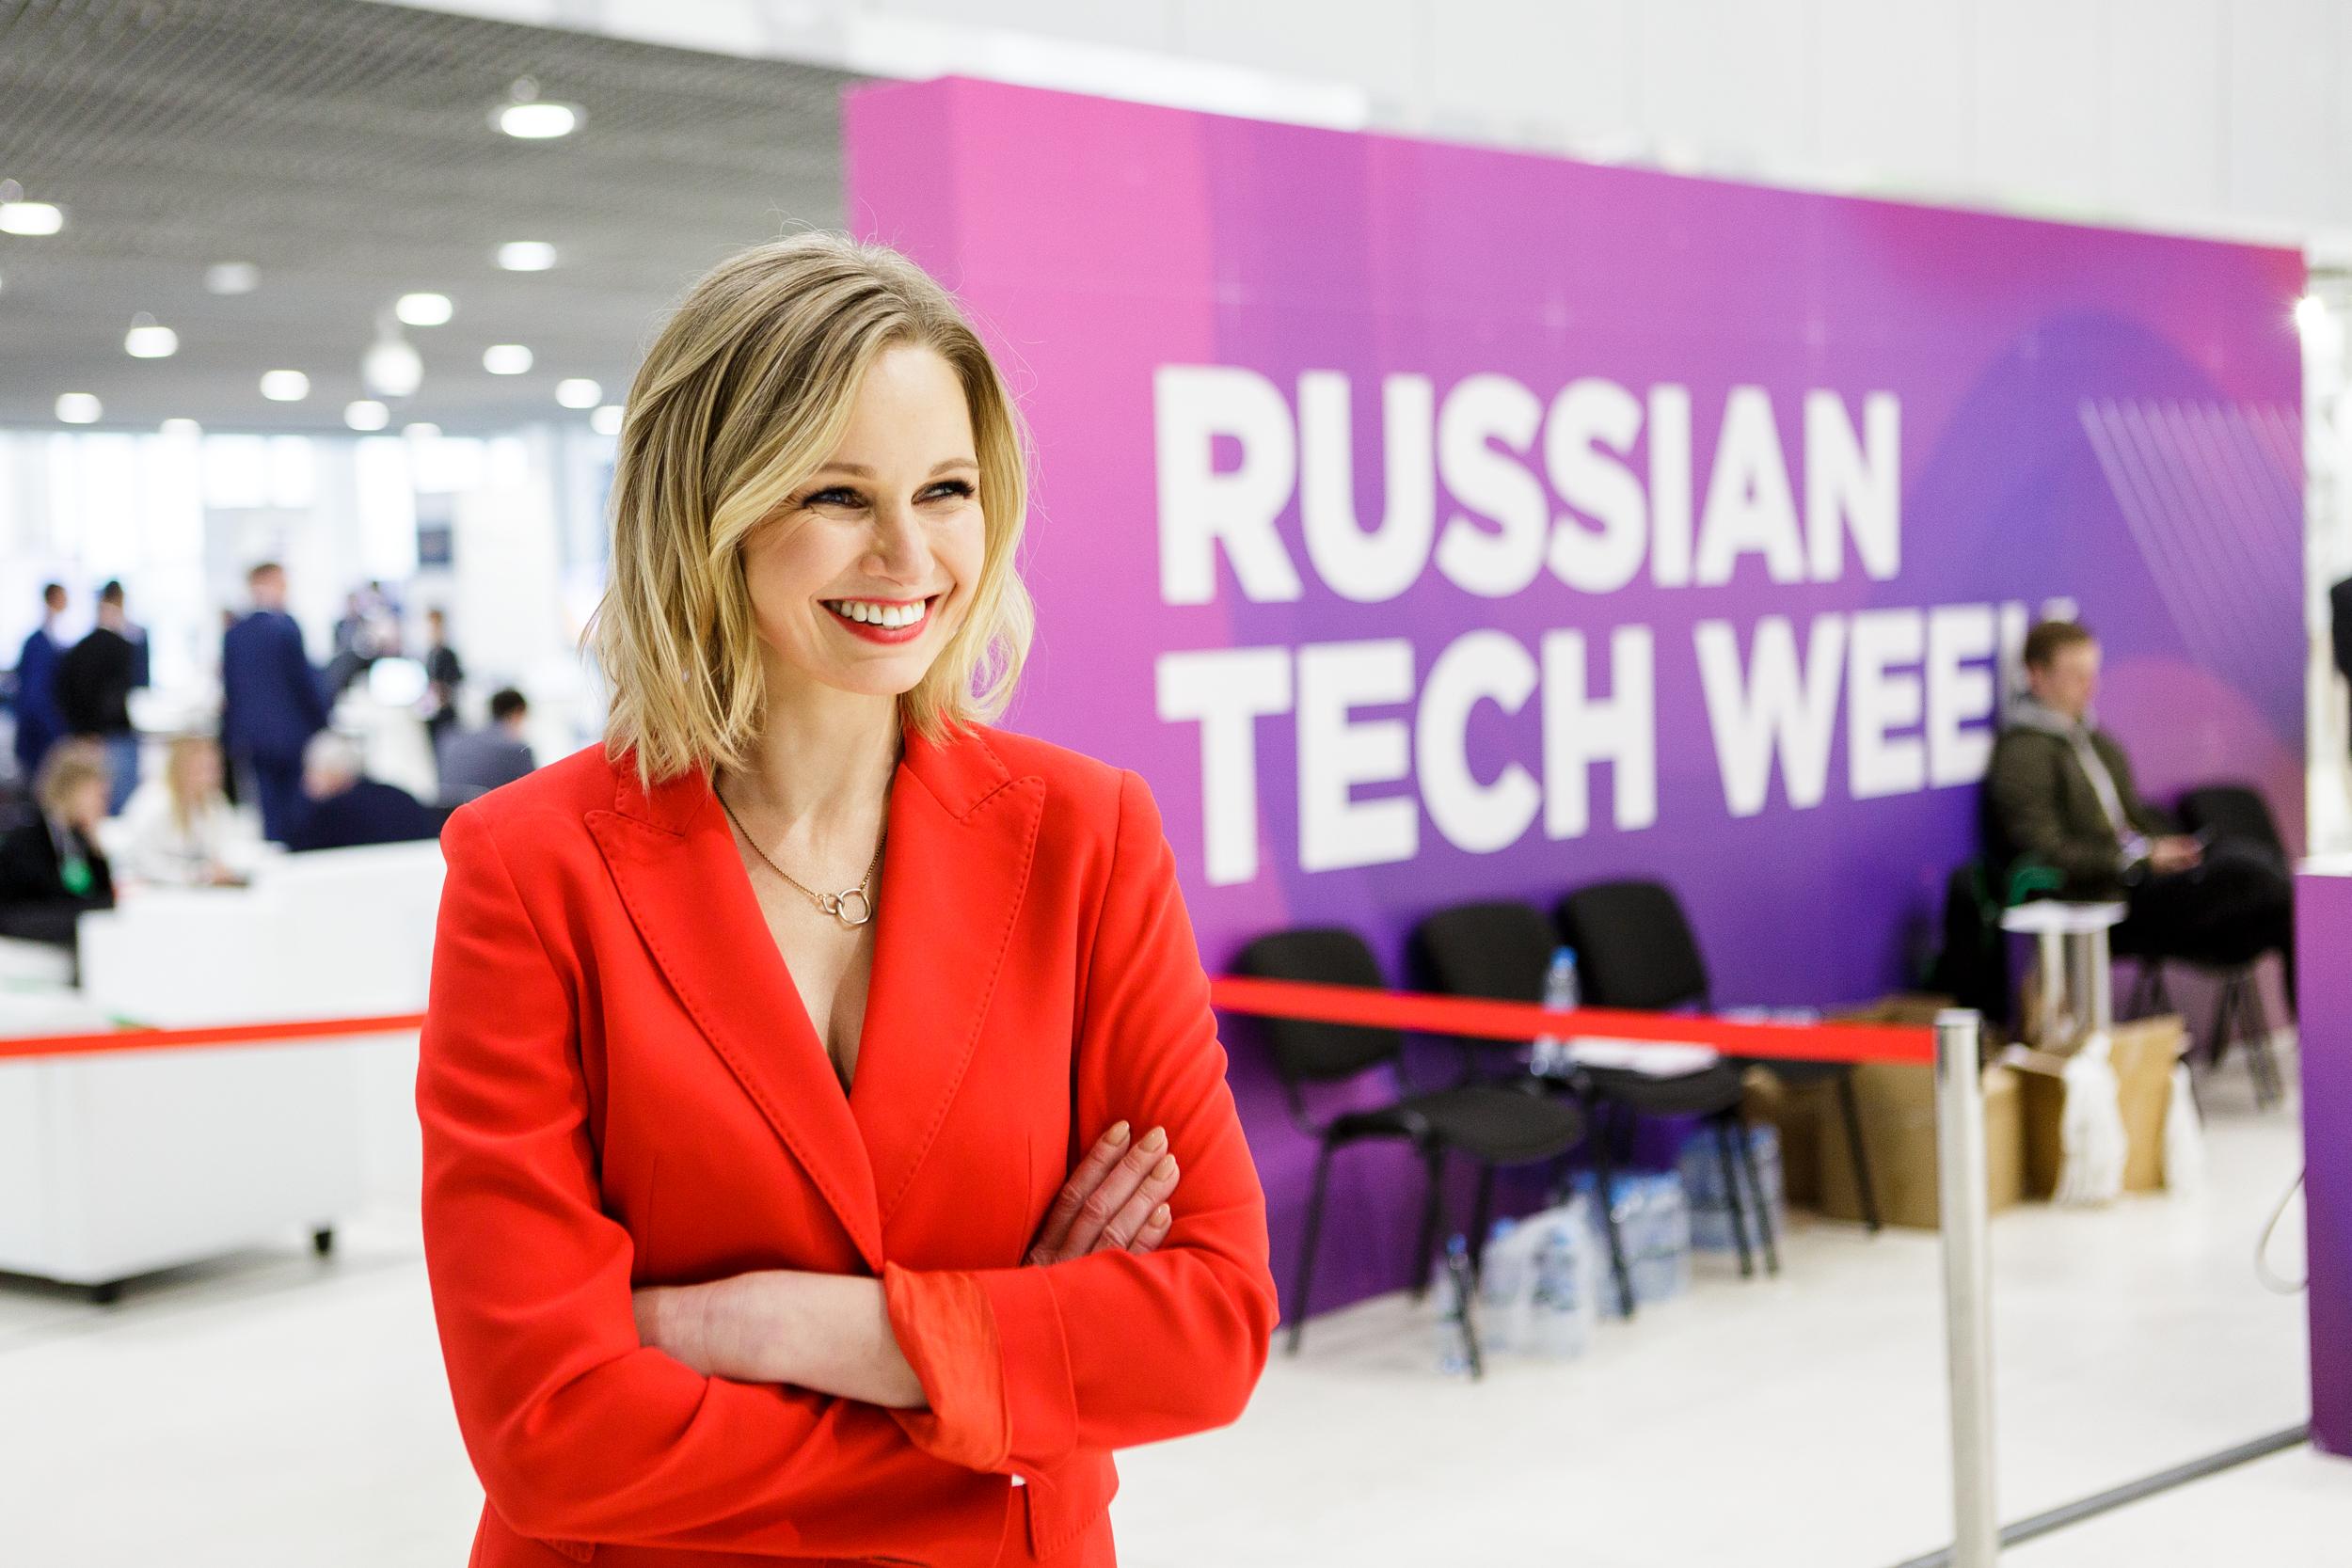 Tech Week 2020 выставка об инновационных технологиях для бизнеса @ Технологический парк Сколково